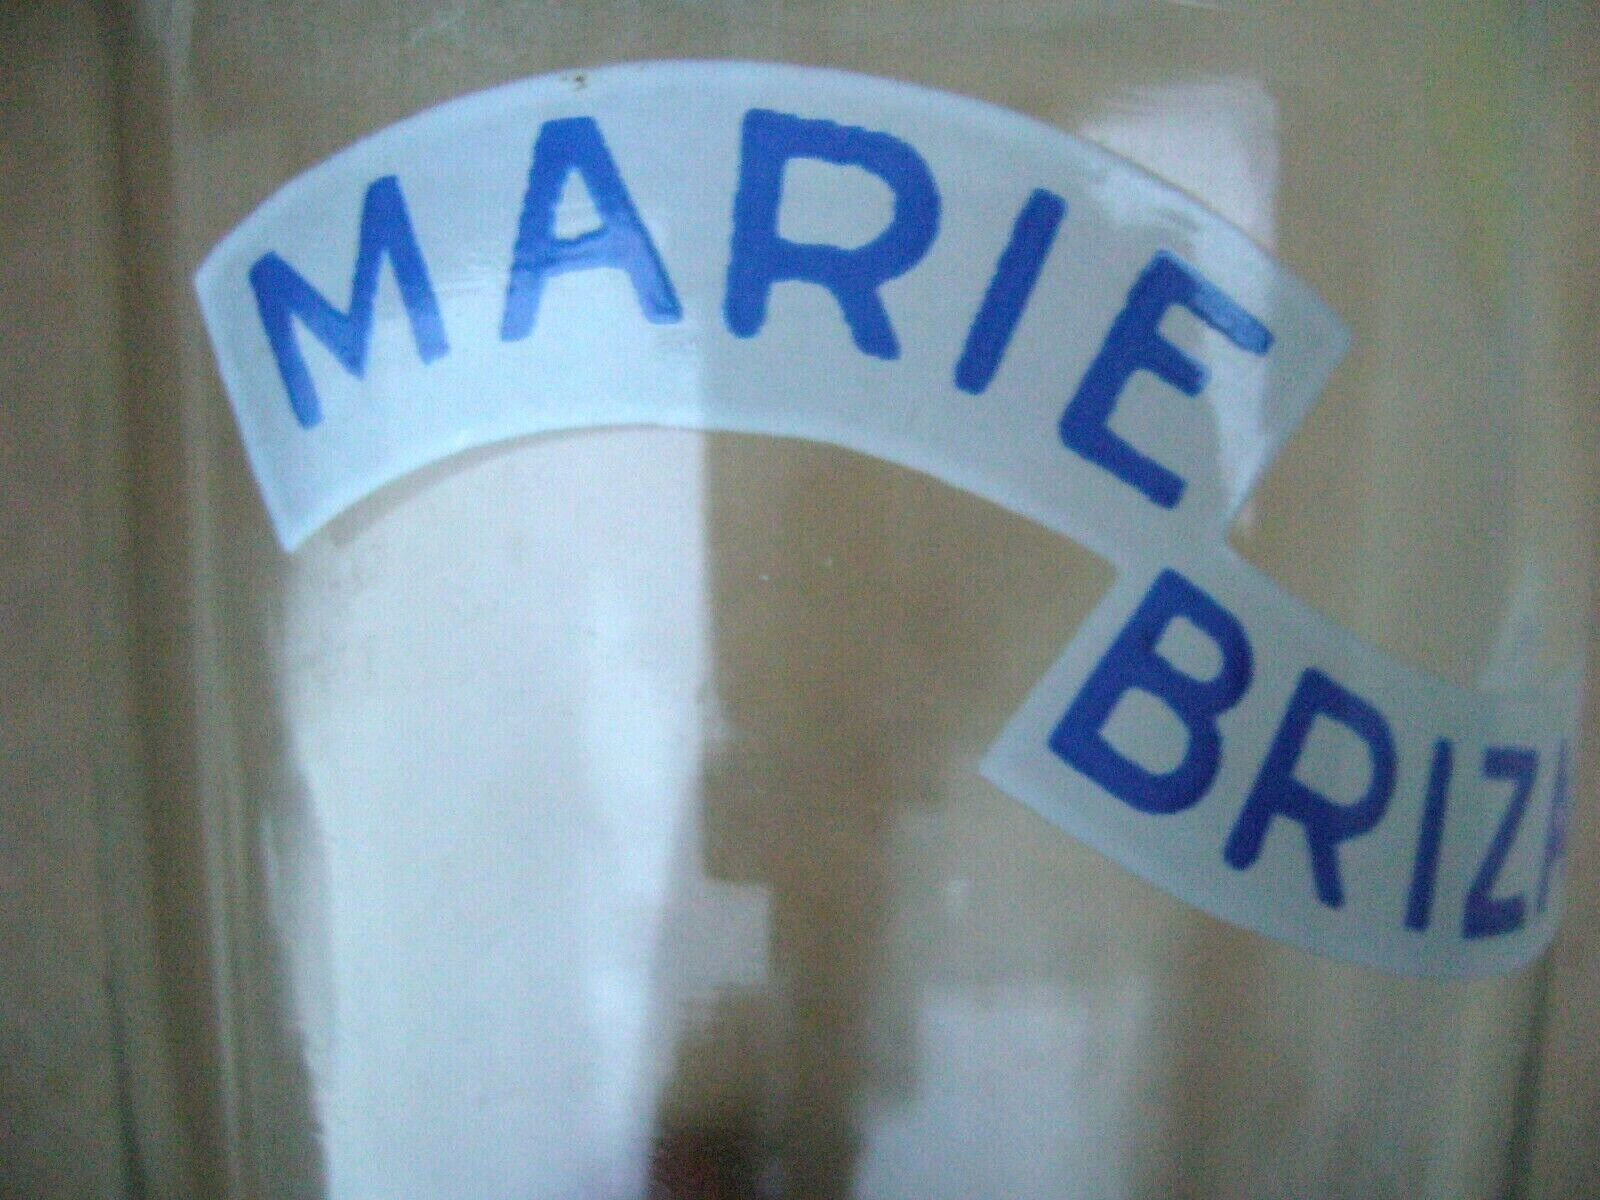 Marque  marie brizard  ancien verre soufflé  bordeaux france